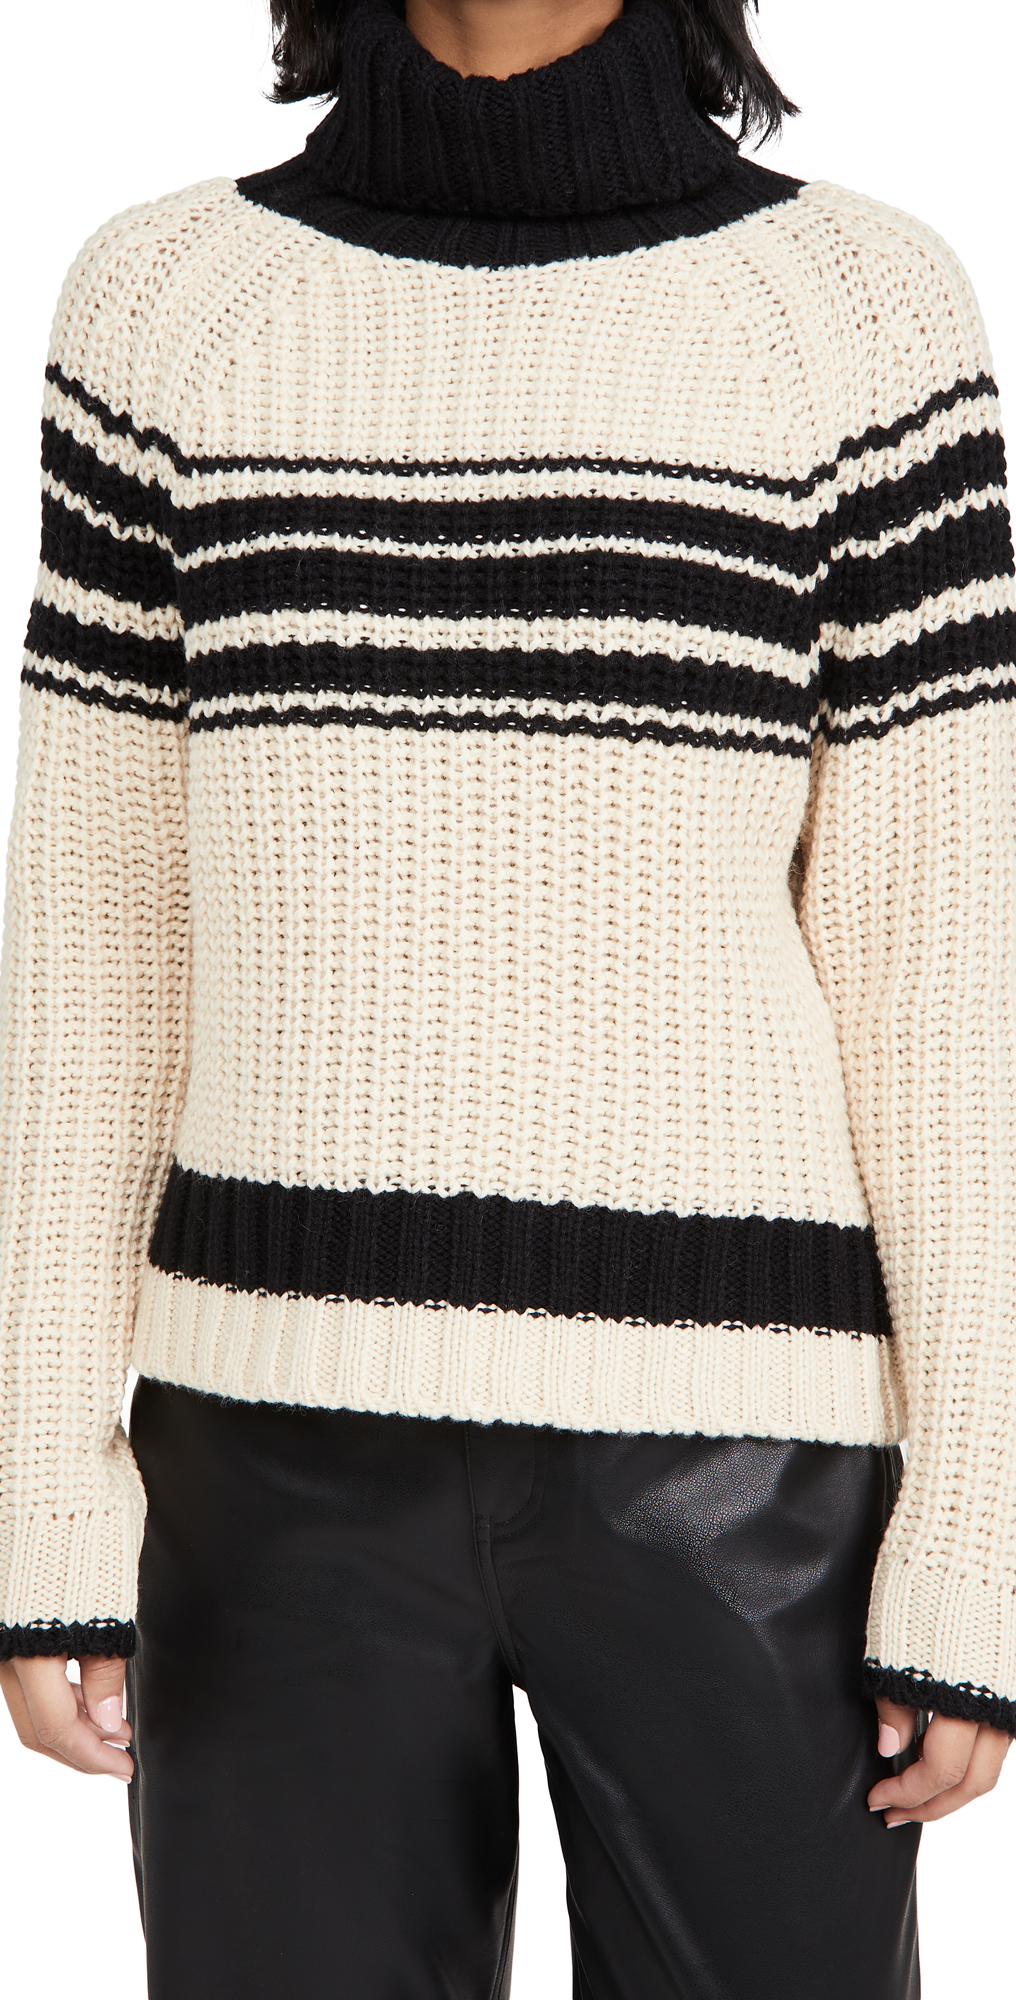 Essentiel Antwerp Weyond Stripes Ribs Pullover